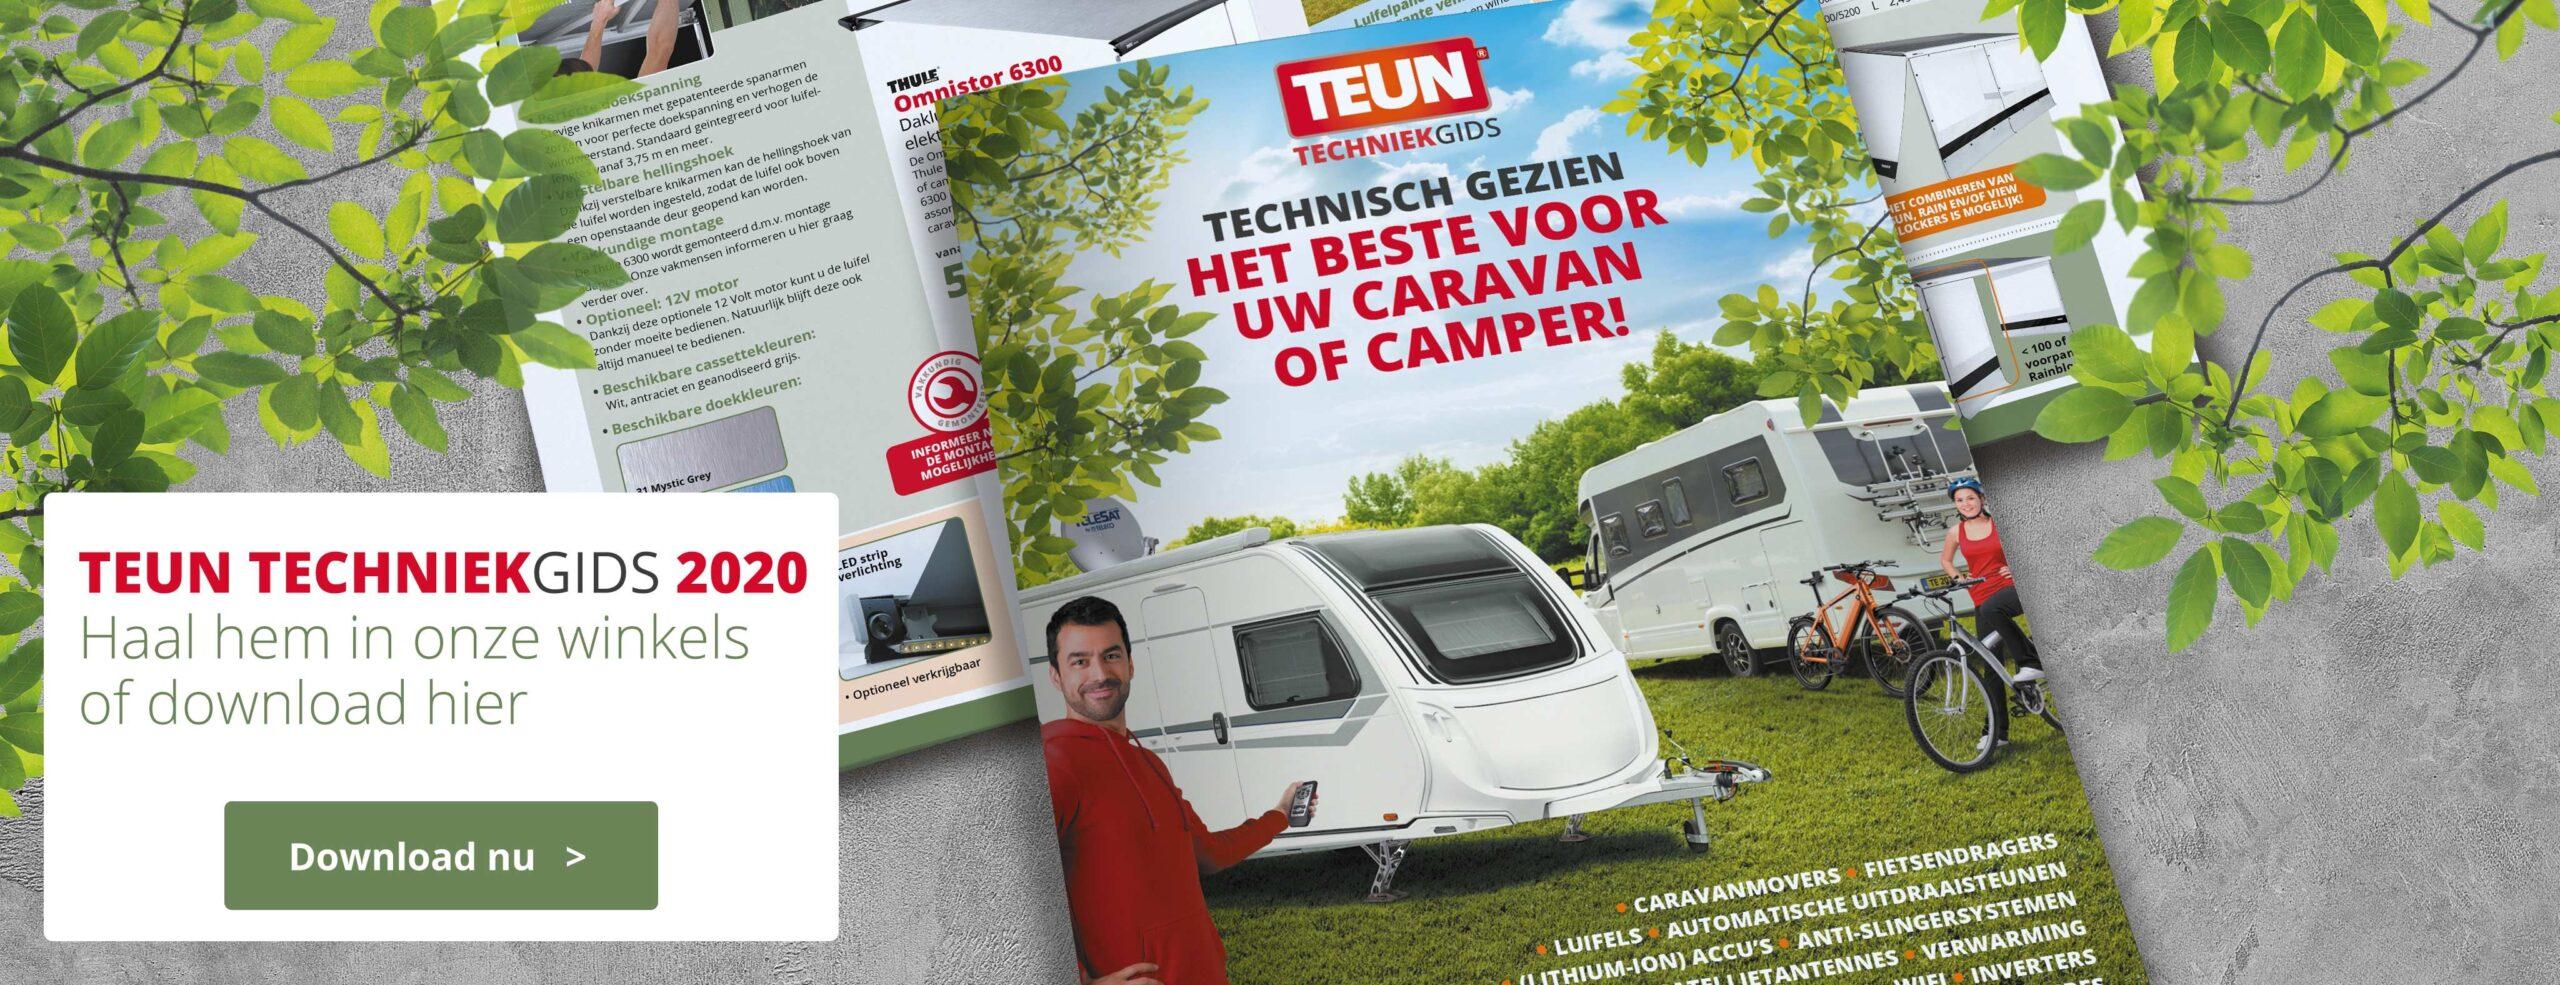 TEUN Techniek gids, technische folder, TEUN, kampeerwinkel, De Vossenhoek, Koopzondag